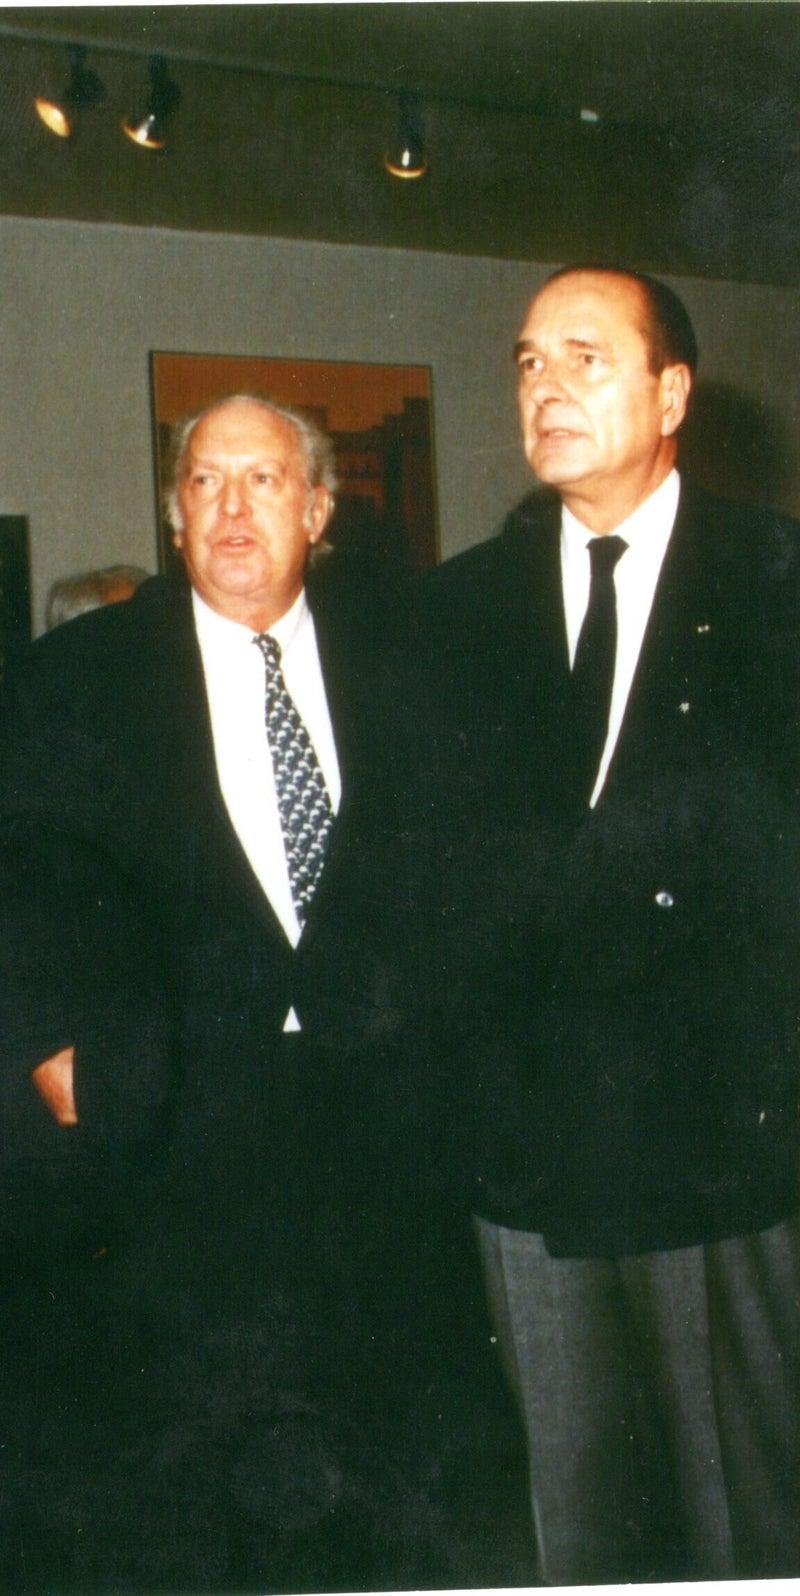 シラクフランス大統領とサローンドートンヌ